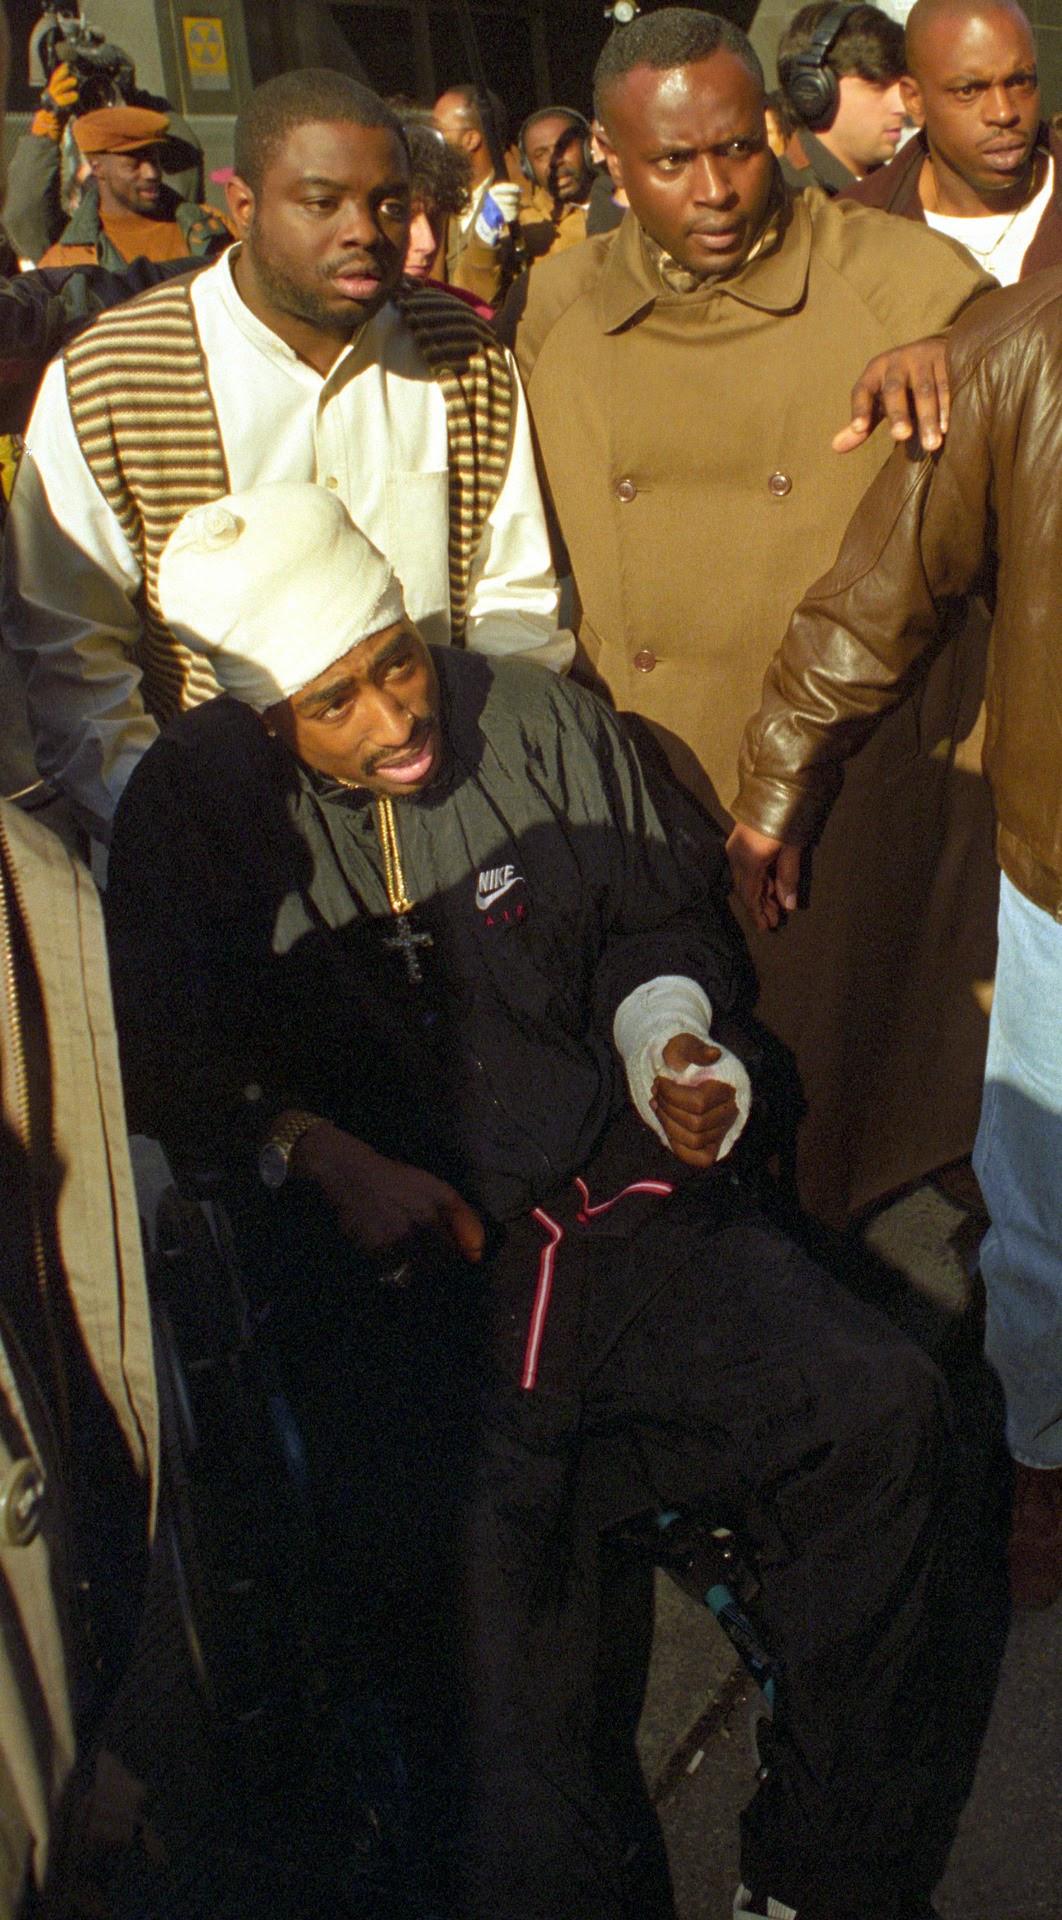 Um dia após levar cinco tiros, Tupac apareceu em uma cadeira de rodas durante audiência judicial em Nova Iorque. Foto: REUTERS/Mark Cardwell /Landov.